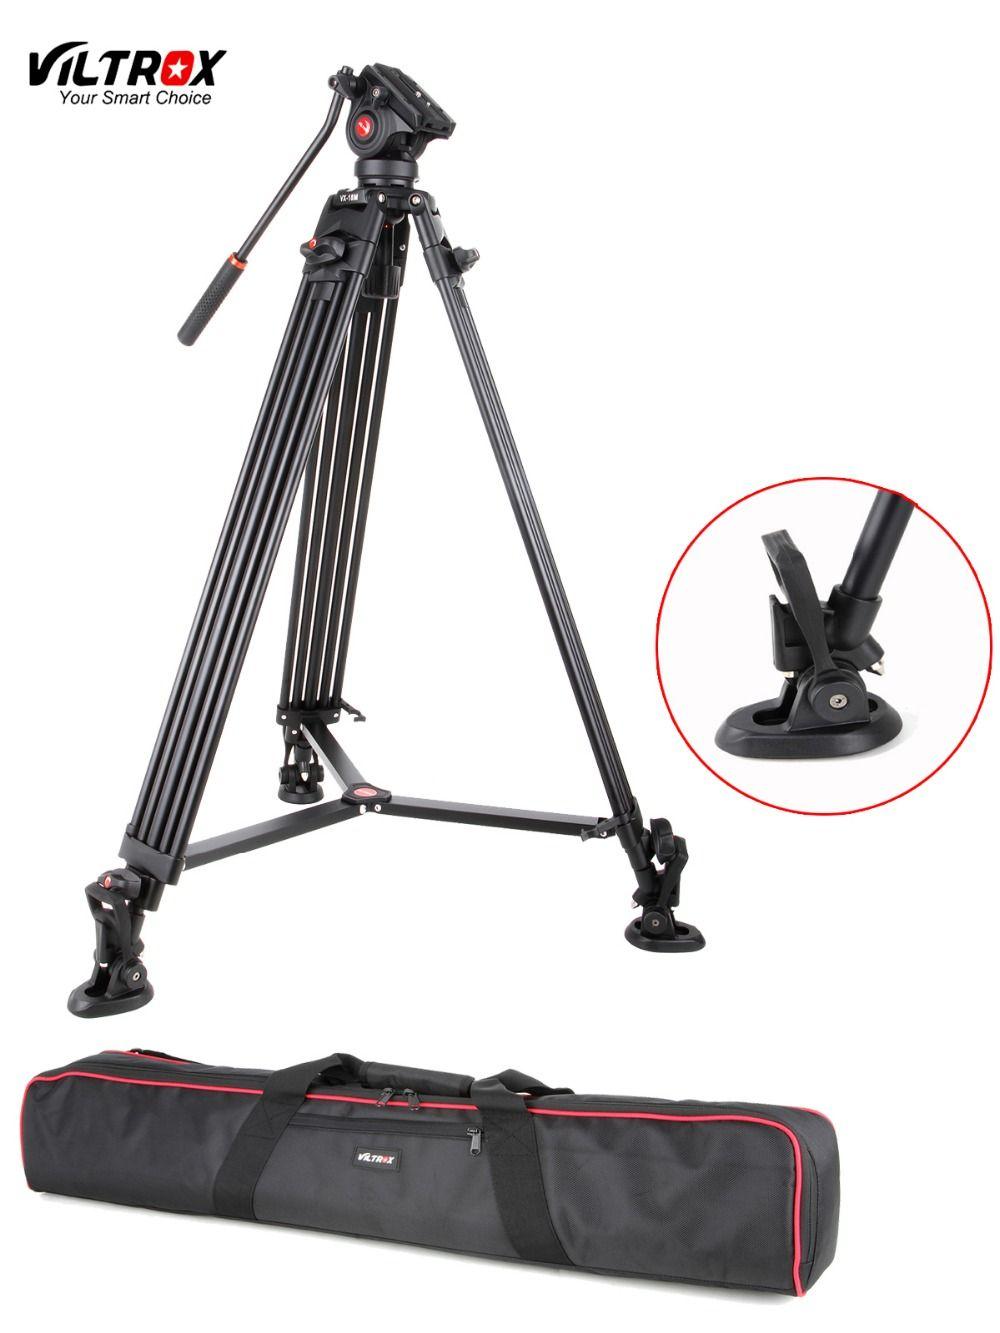 1.8 M Viltrox VX-18M Pro Heay Duty Aluminium Vidéo Trépied + Fluide Pan Tête + Sac De Transport pour Caméra DV DSLR Très Stable